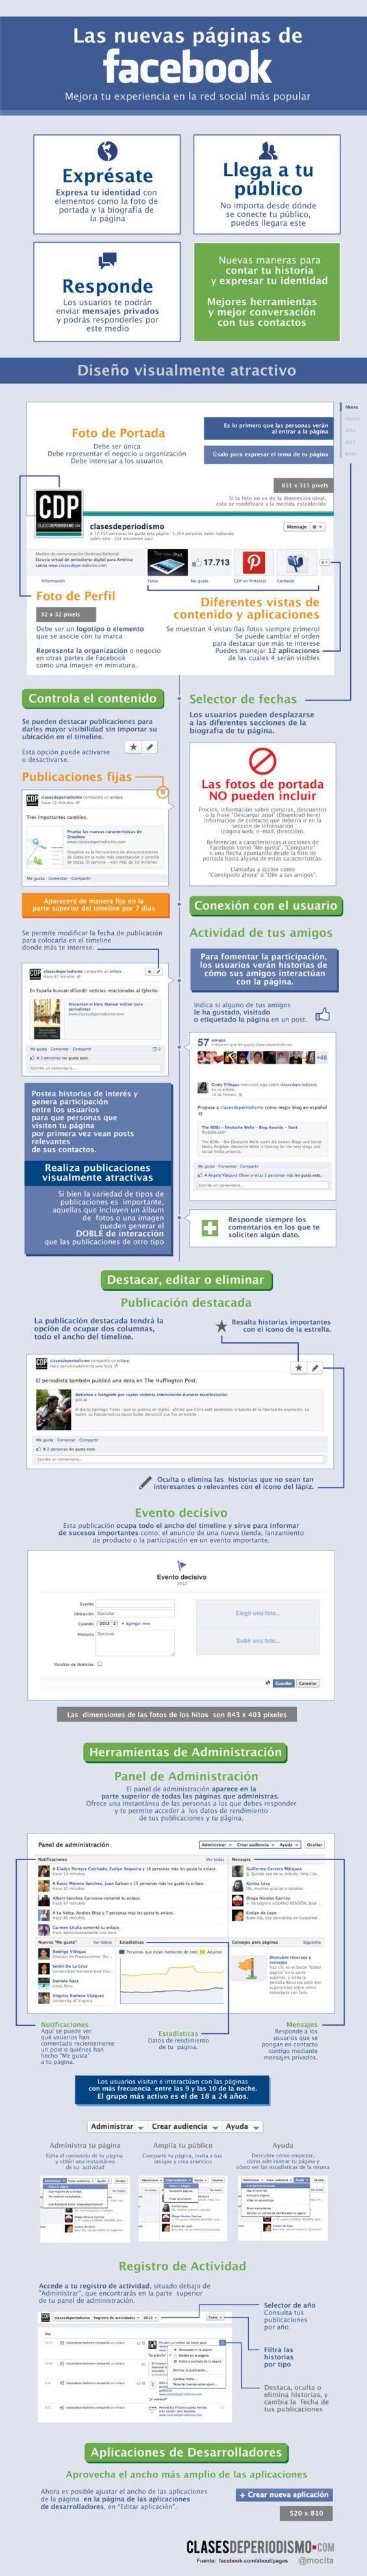 Las nuevas páginas de FaceBook #infografia #infographic #socialmedia